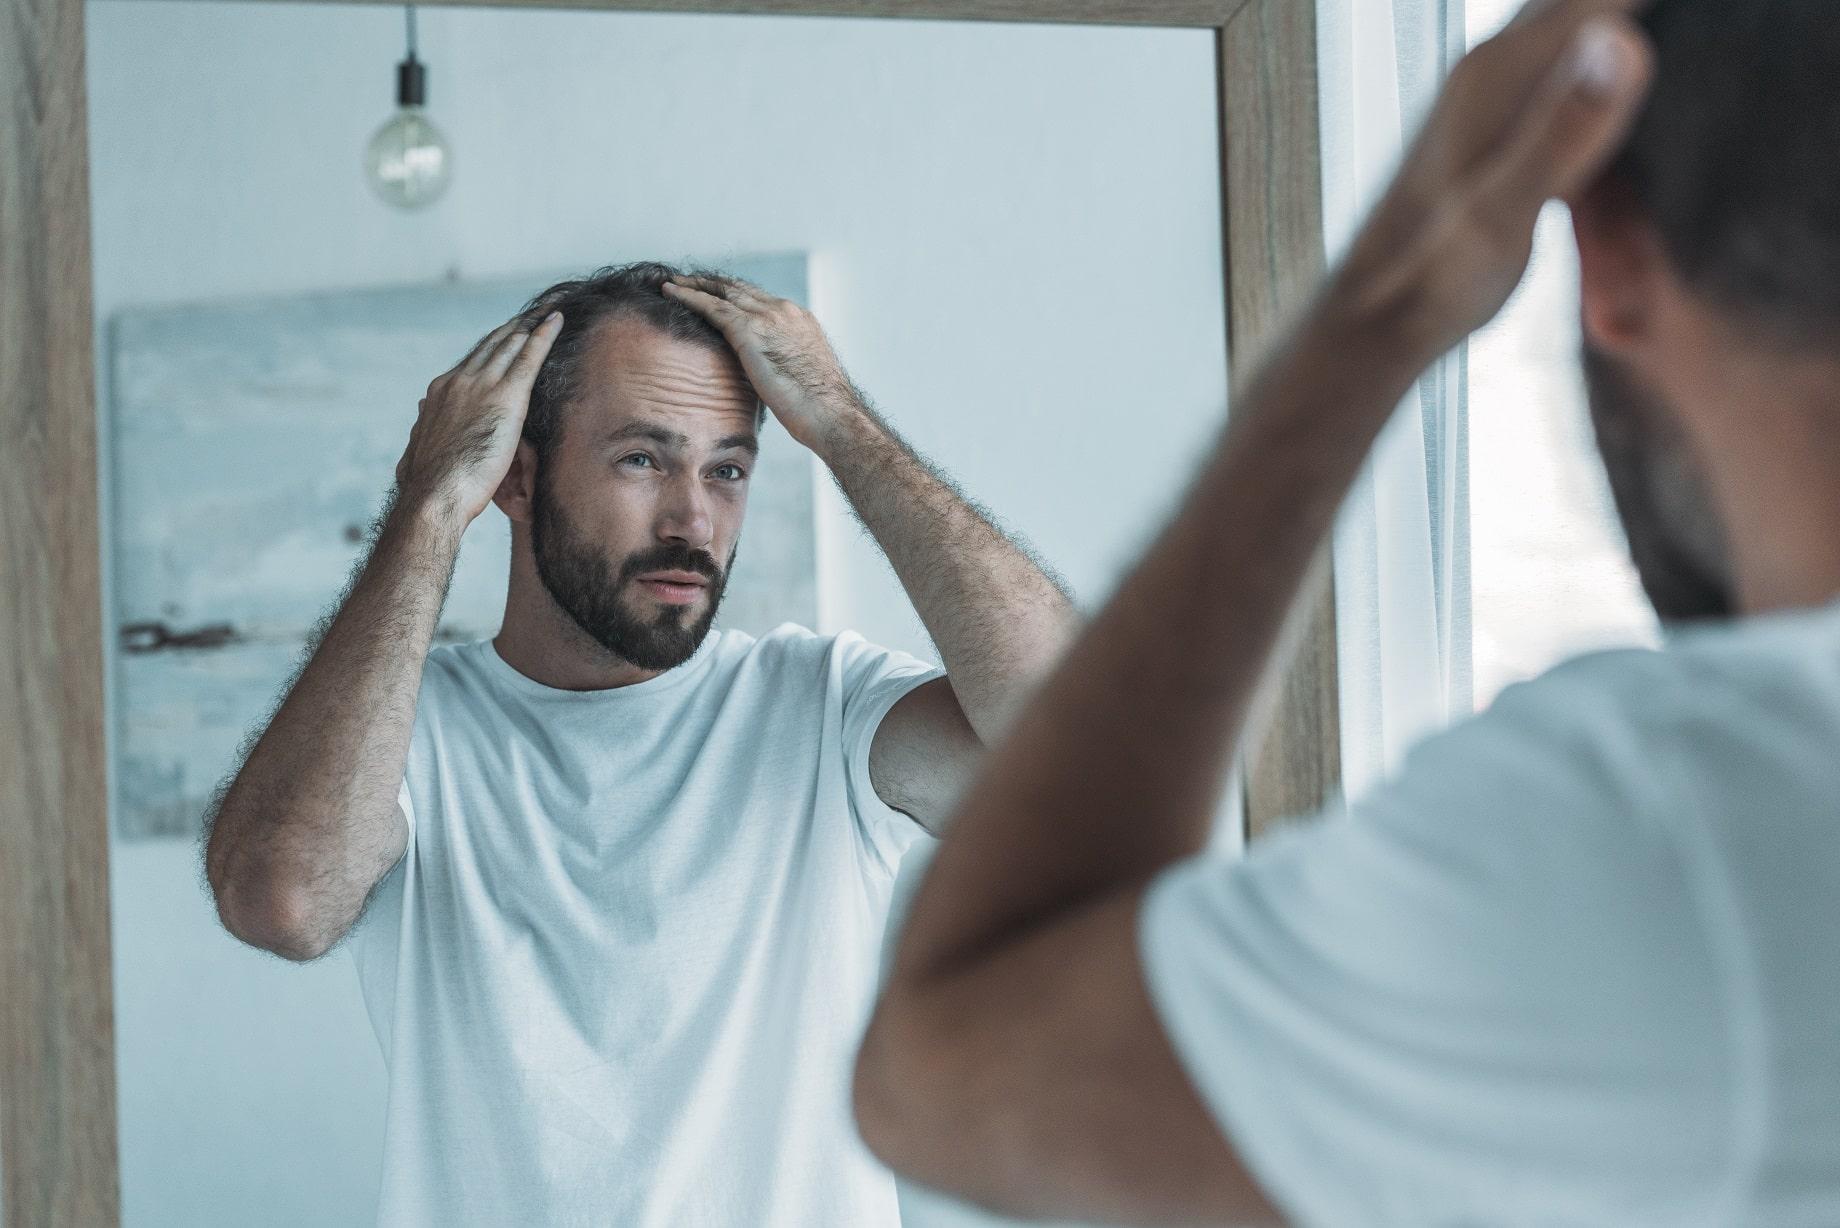 גבר מסתכל במראה ובודק אם הוא סובל משיער דליל